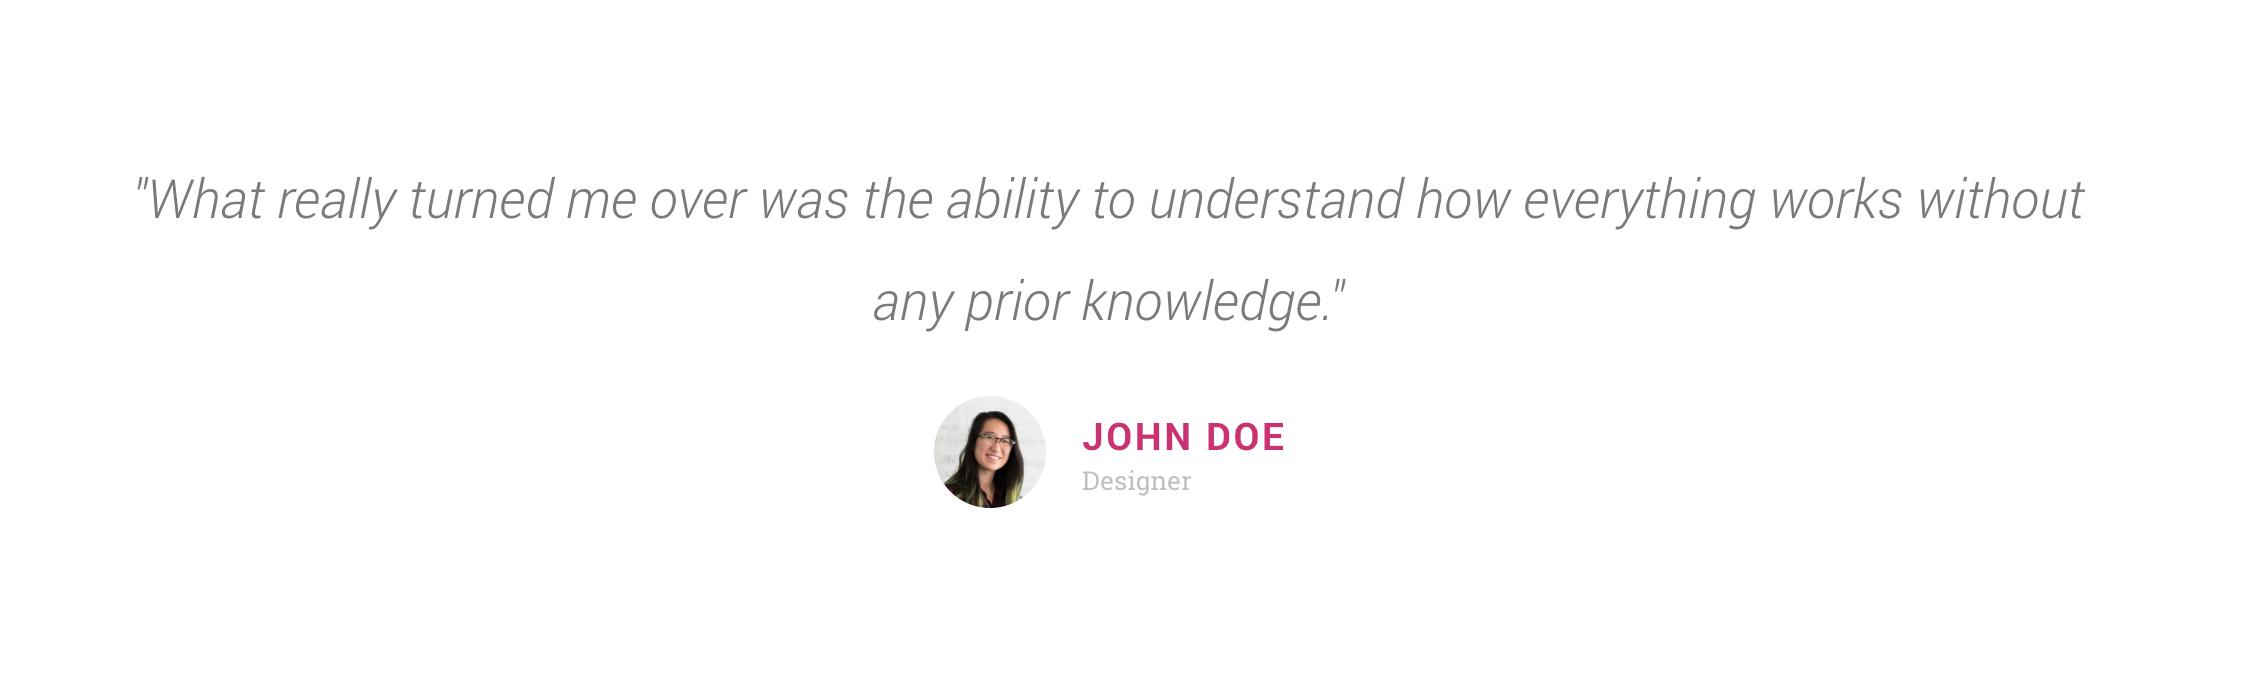 C1 – Client Quote